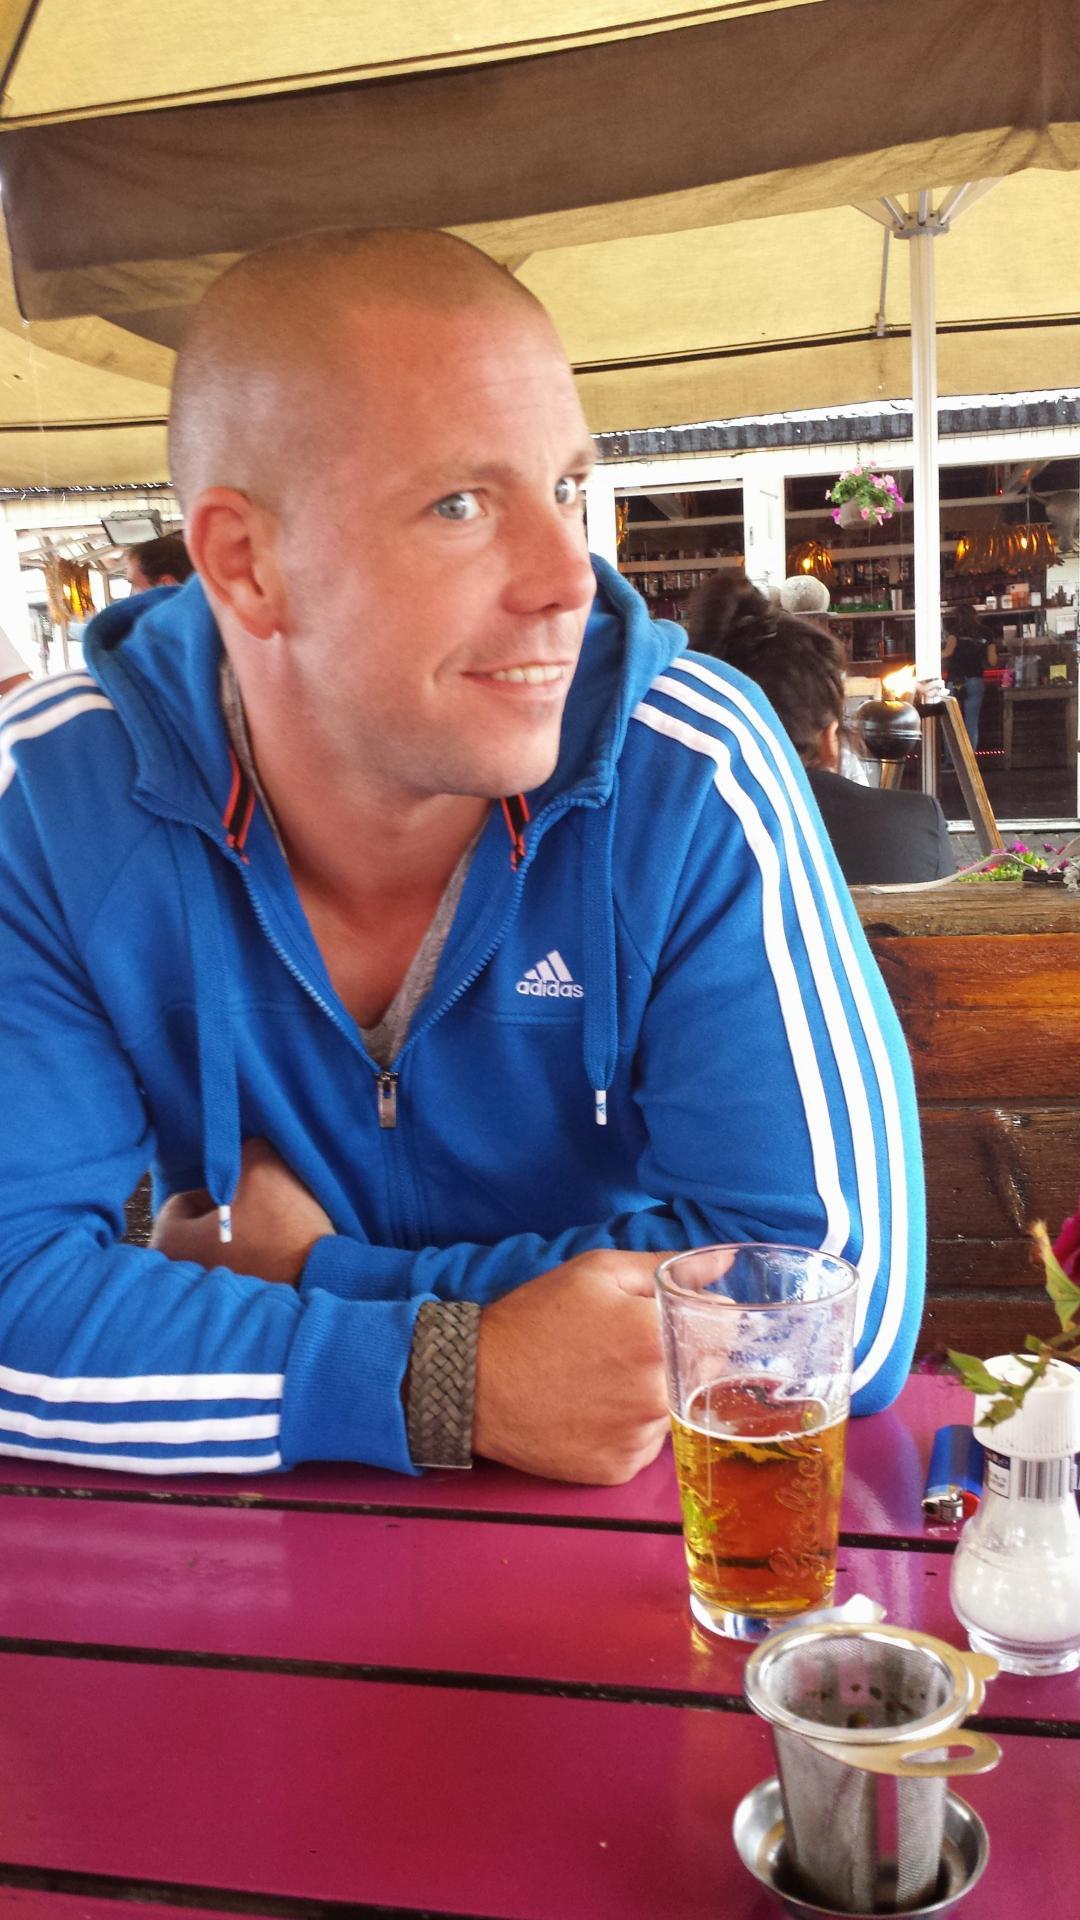 34joey uit Limburg,Nederland